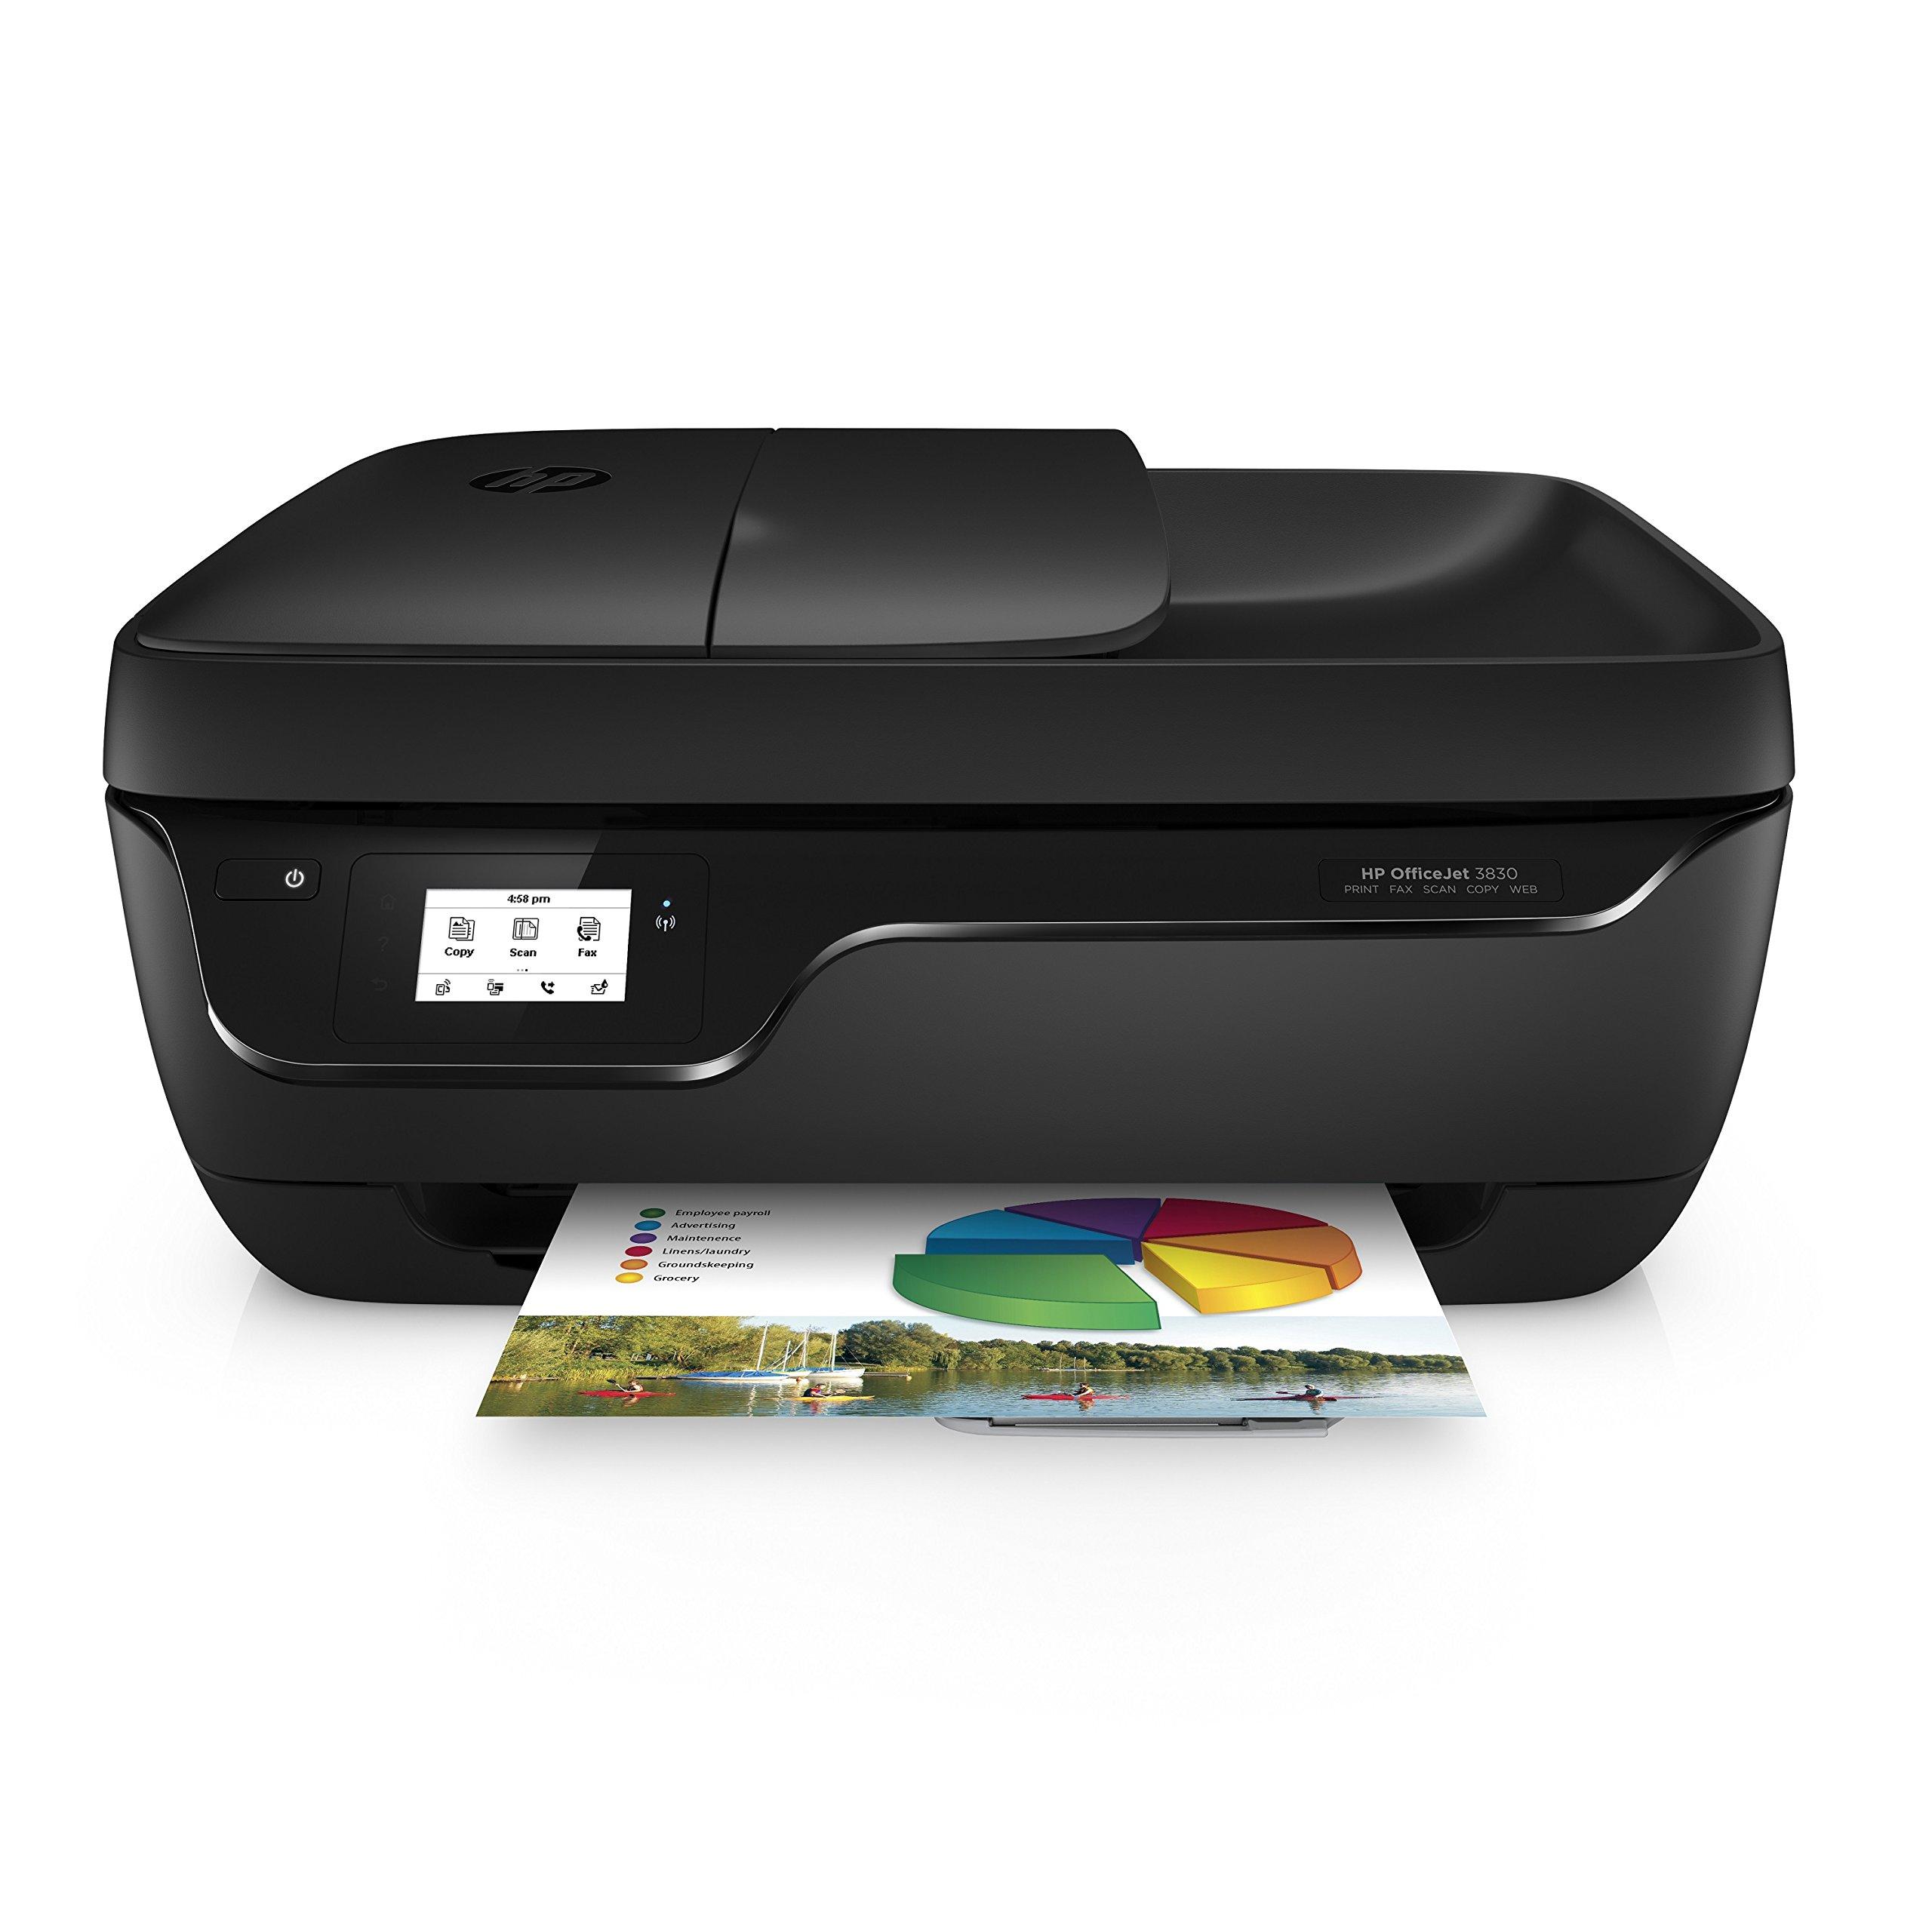 HP OfficeJet – Impresora Multifunción de Tinta (512 MB, 600 x 300 dpi, 1200 x 1200 dpi, A4, 216 x 297 mm, Color, WiFi, Compatible con HP Instant Ink), Blanco y Negro